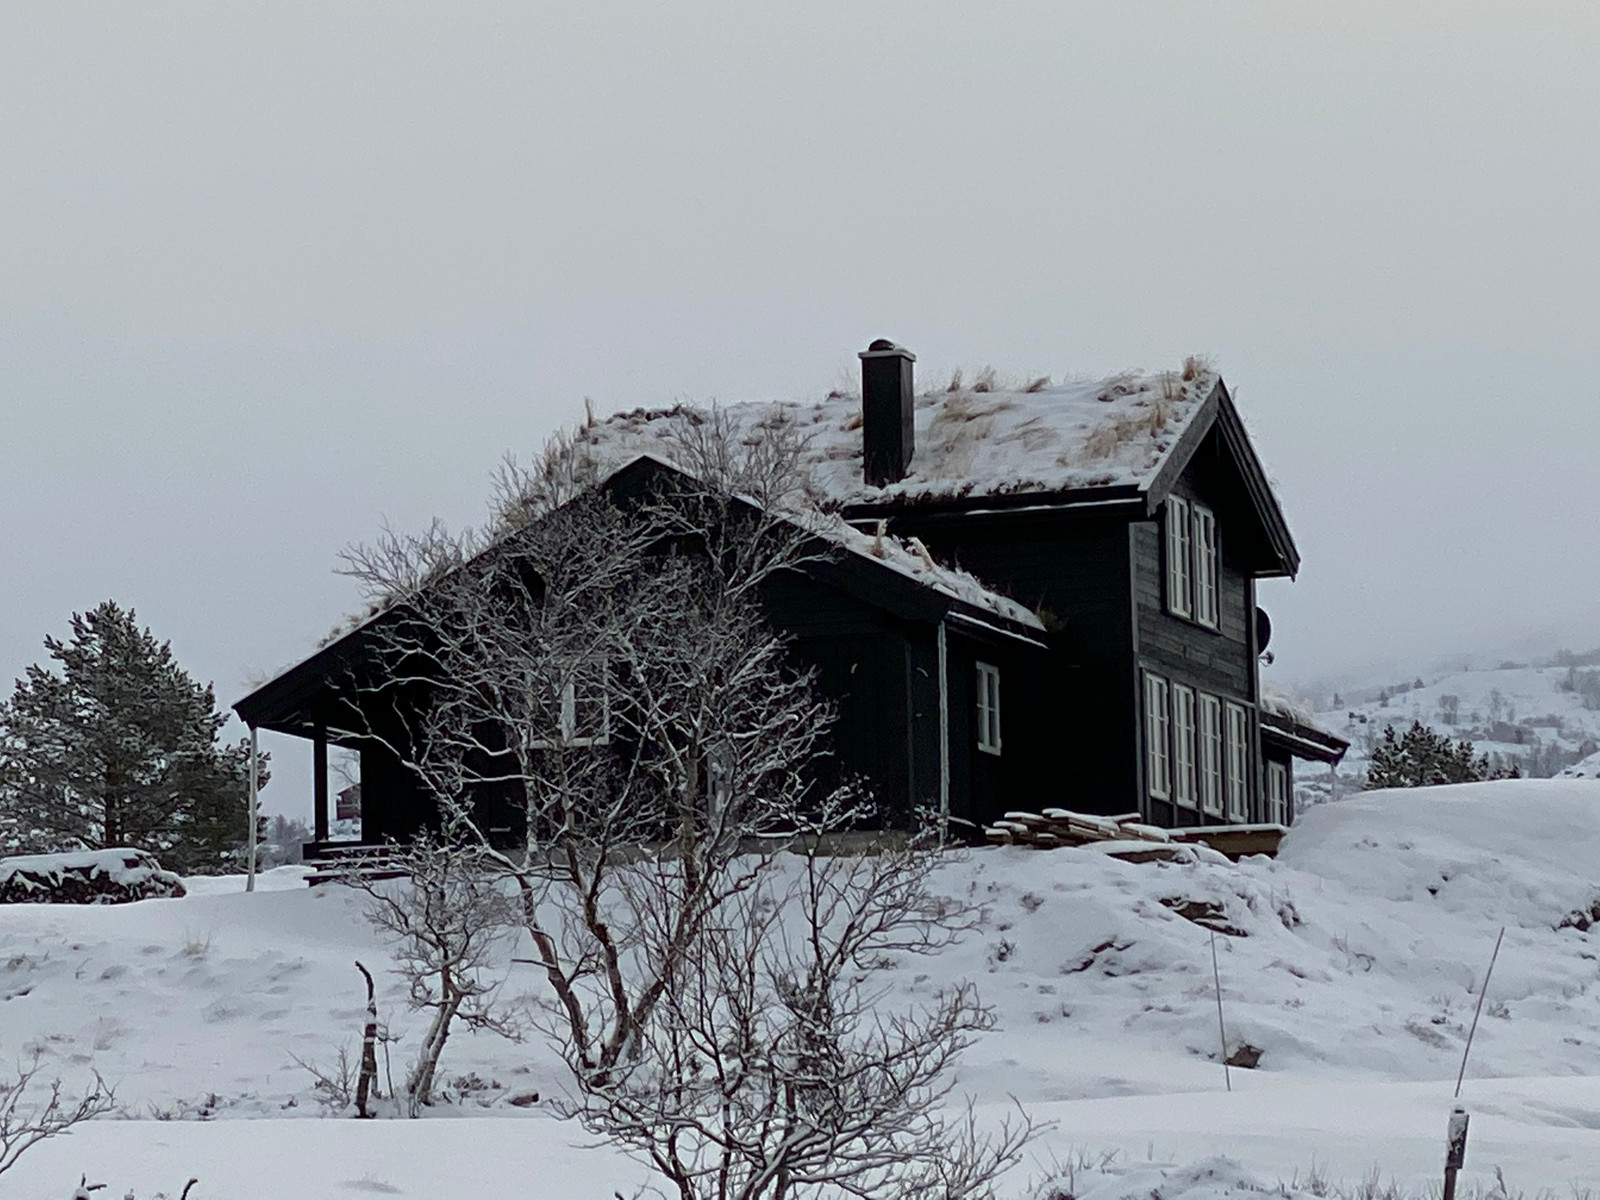 Bilde av en annen Storodde hytte. Storodde - En meget praktisk familie hytte / 4 sov & 2 stuer   God bod plass - Romslig terrasse og mye mer. Kundetilpasninger forekommer ofte, ved hjelp av våre flinke arkitekter.